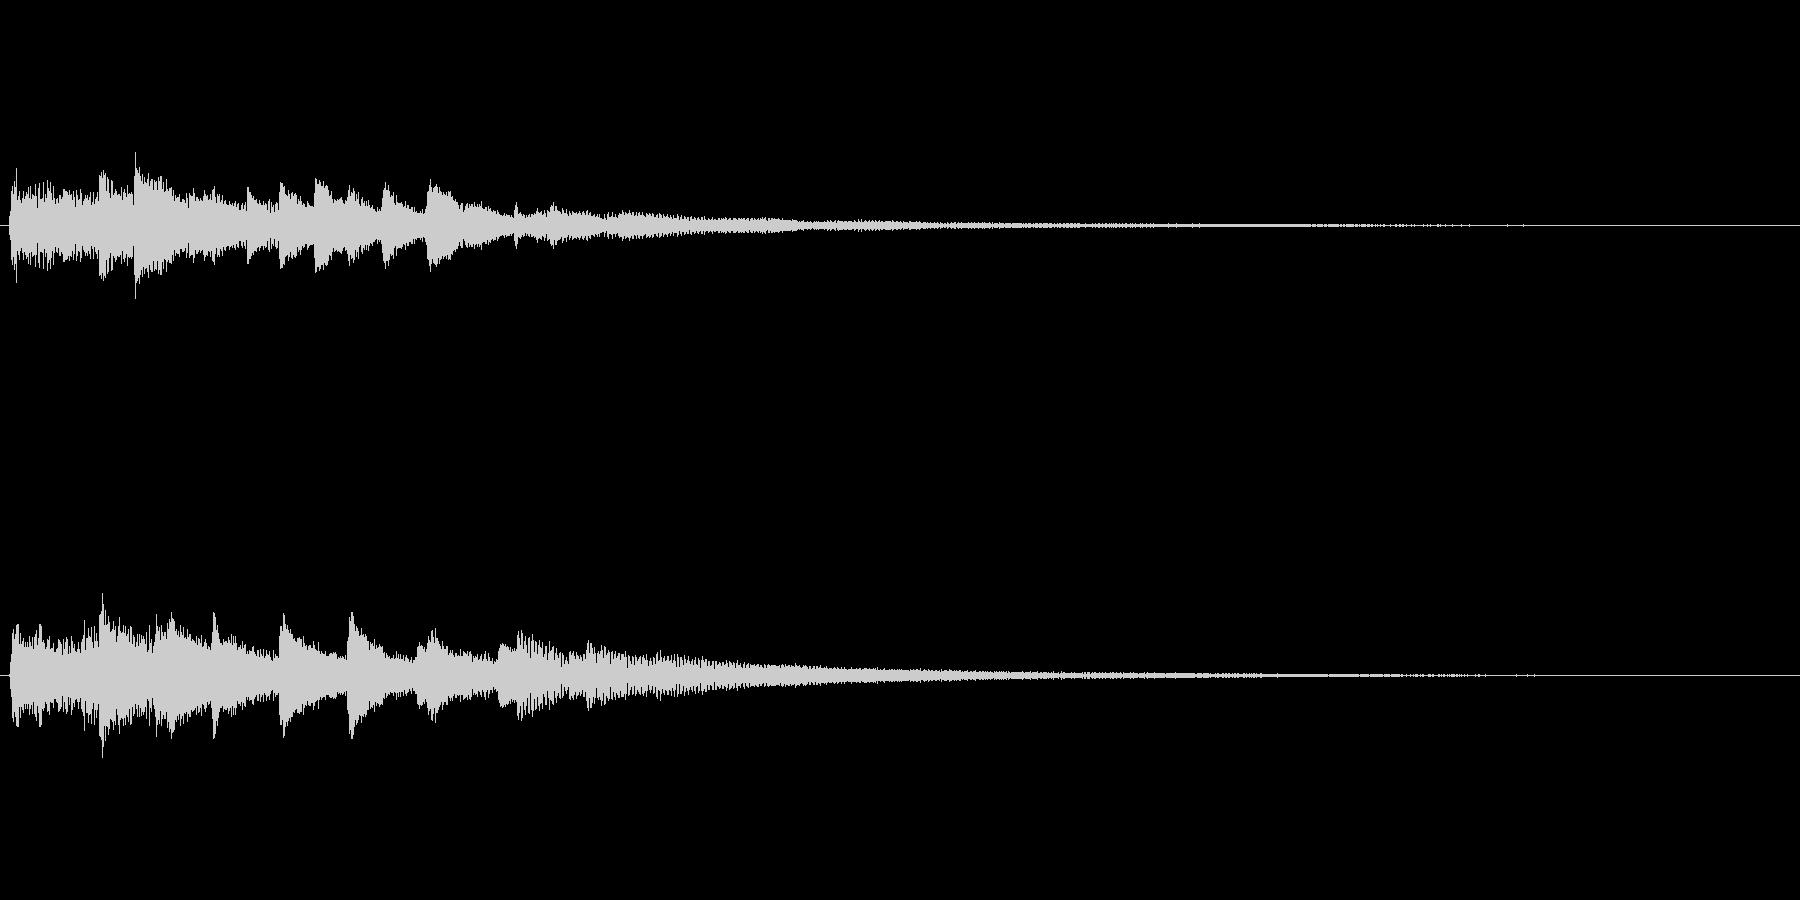 不安定、不可解、不気味なピアノソロ 17の未再生の波形